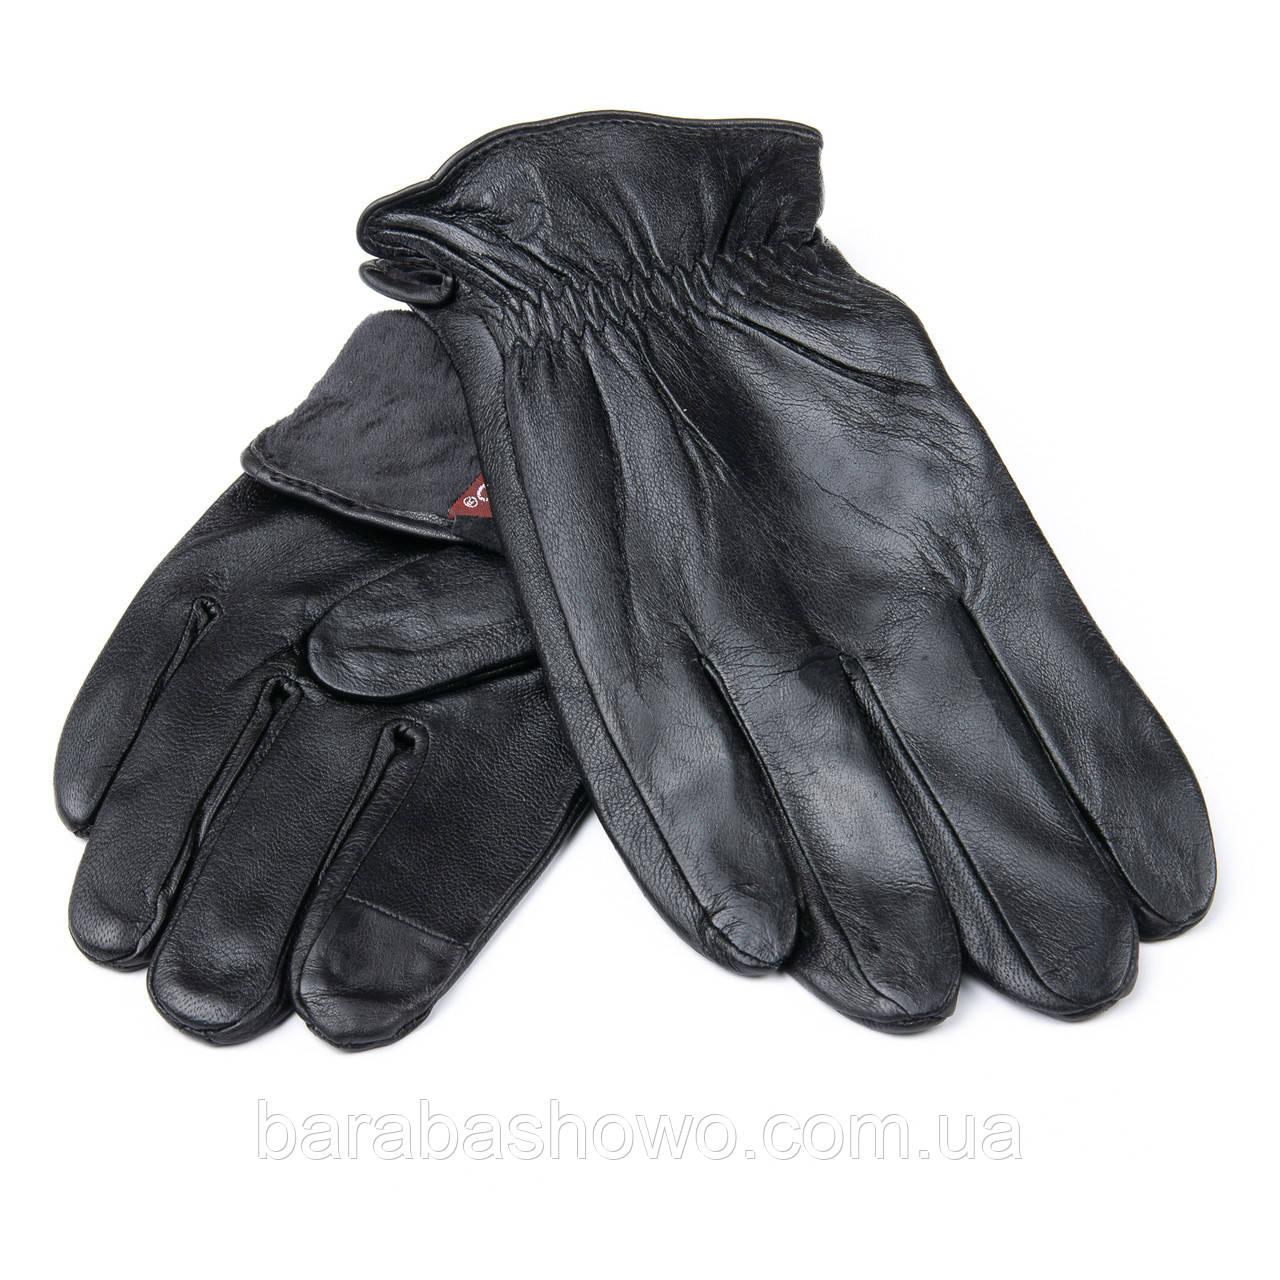 Мужские кожаные перчатки, черные. Подкладка шерсть. MOD 2